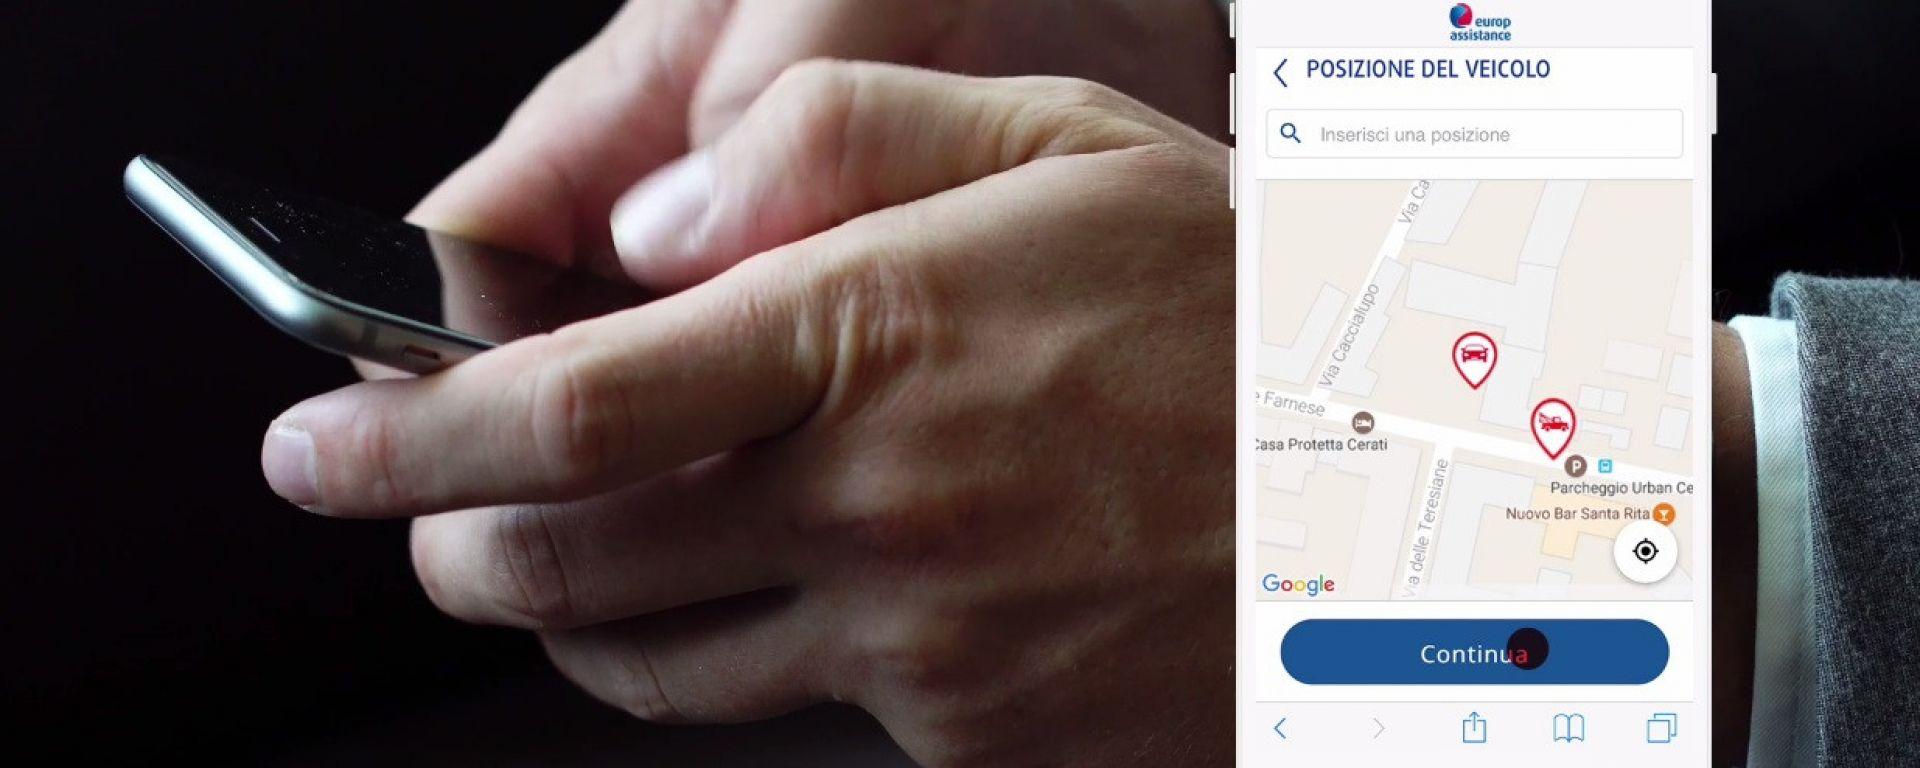 Europ Assistance, il soccorso stradale è digitale